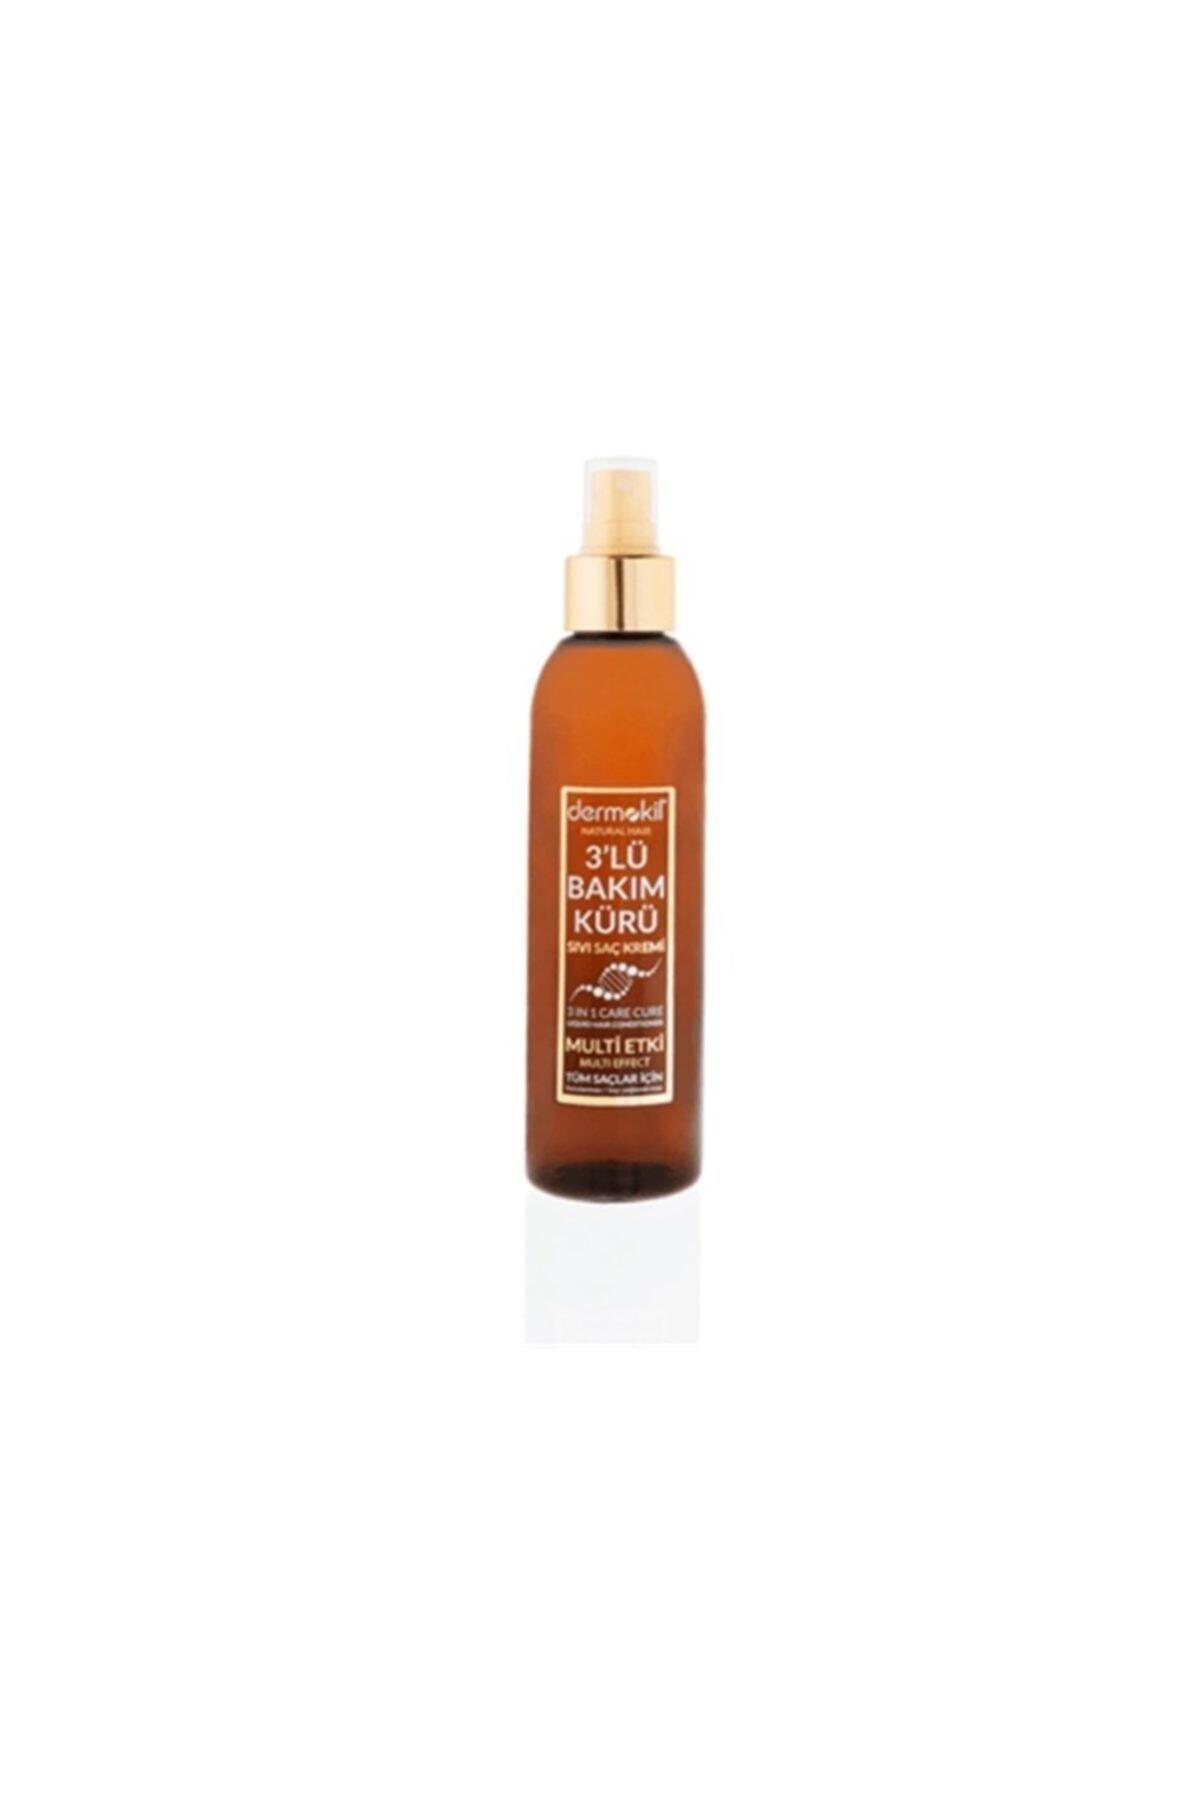 Dermokil Natural Hair Sıvı Saç Kremi 3 Lü Bakım Kürü 200 Ml 1